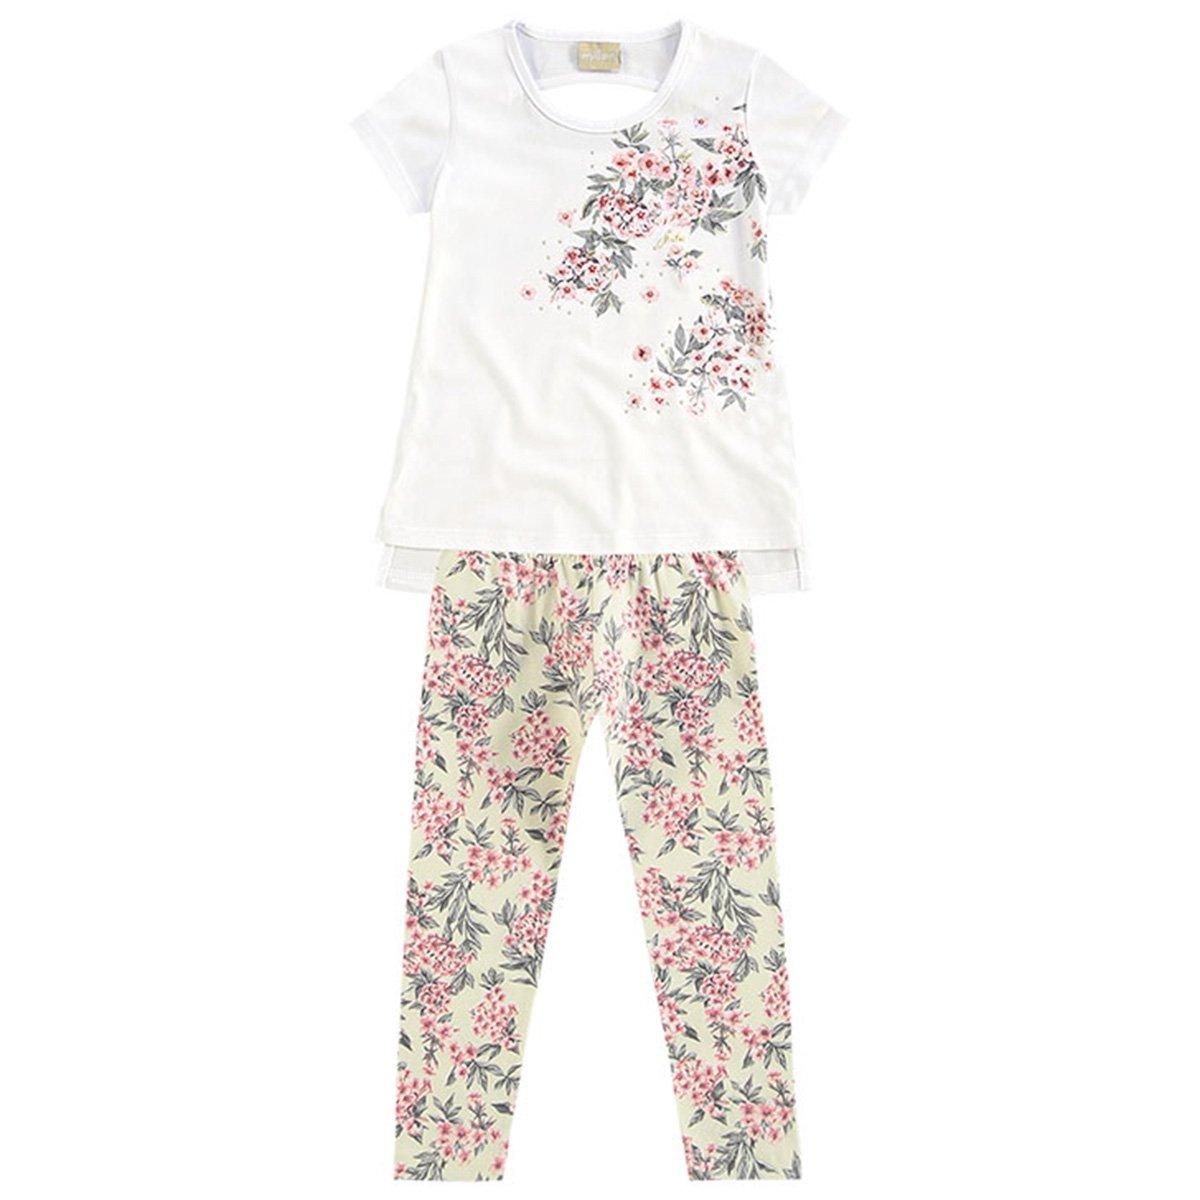 Infantil Milon Milon Branco Feminino Conjunto Infantil Floral Feminino Conjunto Floral tqwWx7OF